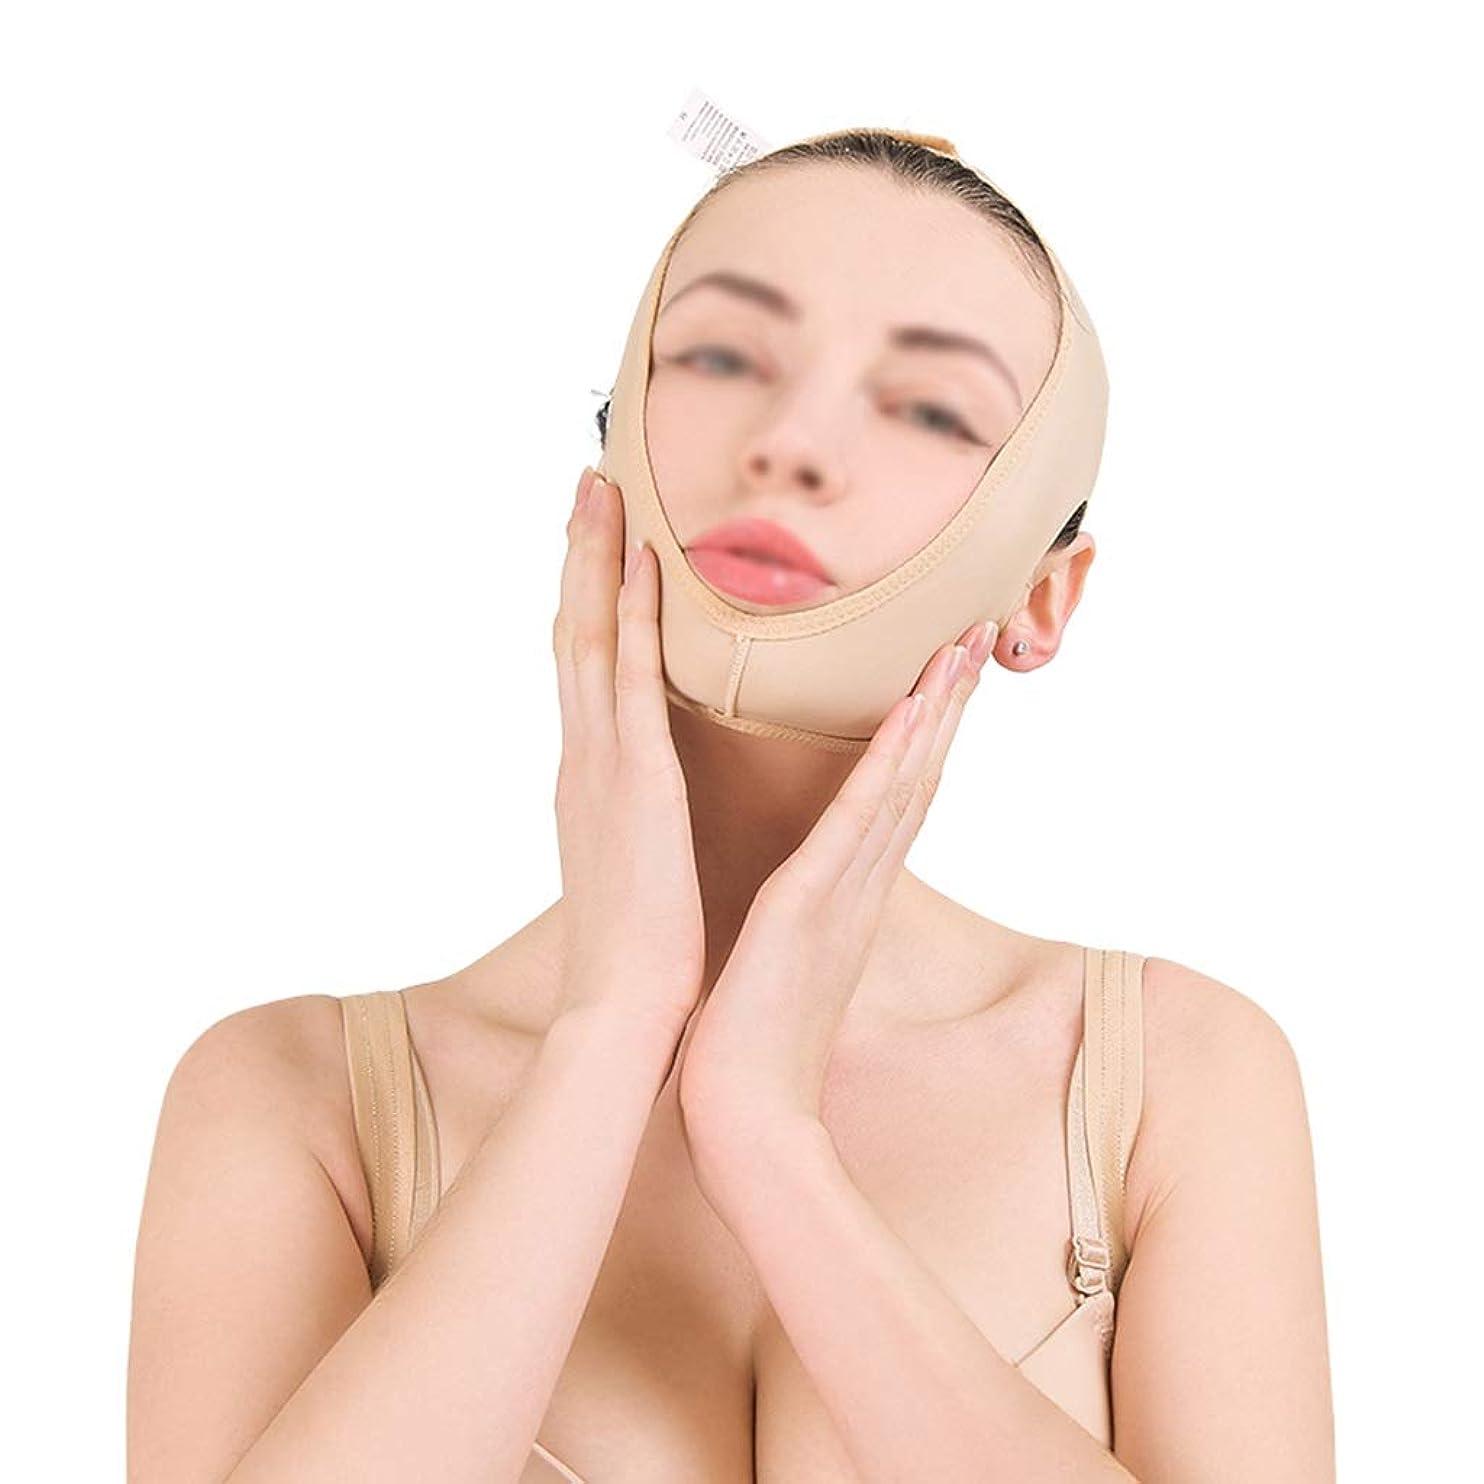 ずらす穀物見捨てられたXHLMRMJ マスクの減量、肌の包帯を引き締めるフェイスバンドを持ち上げる、フェイスリフティング、二重あごの美容包帯、フェイスリフト (Size : S)